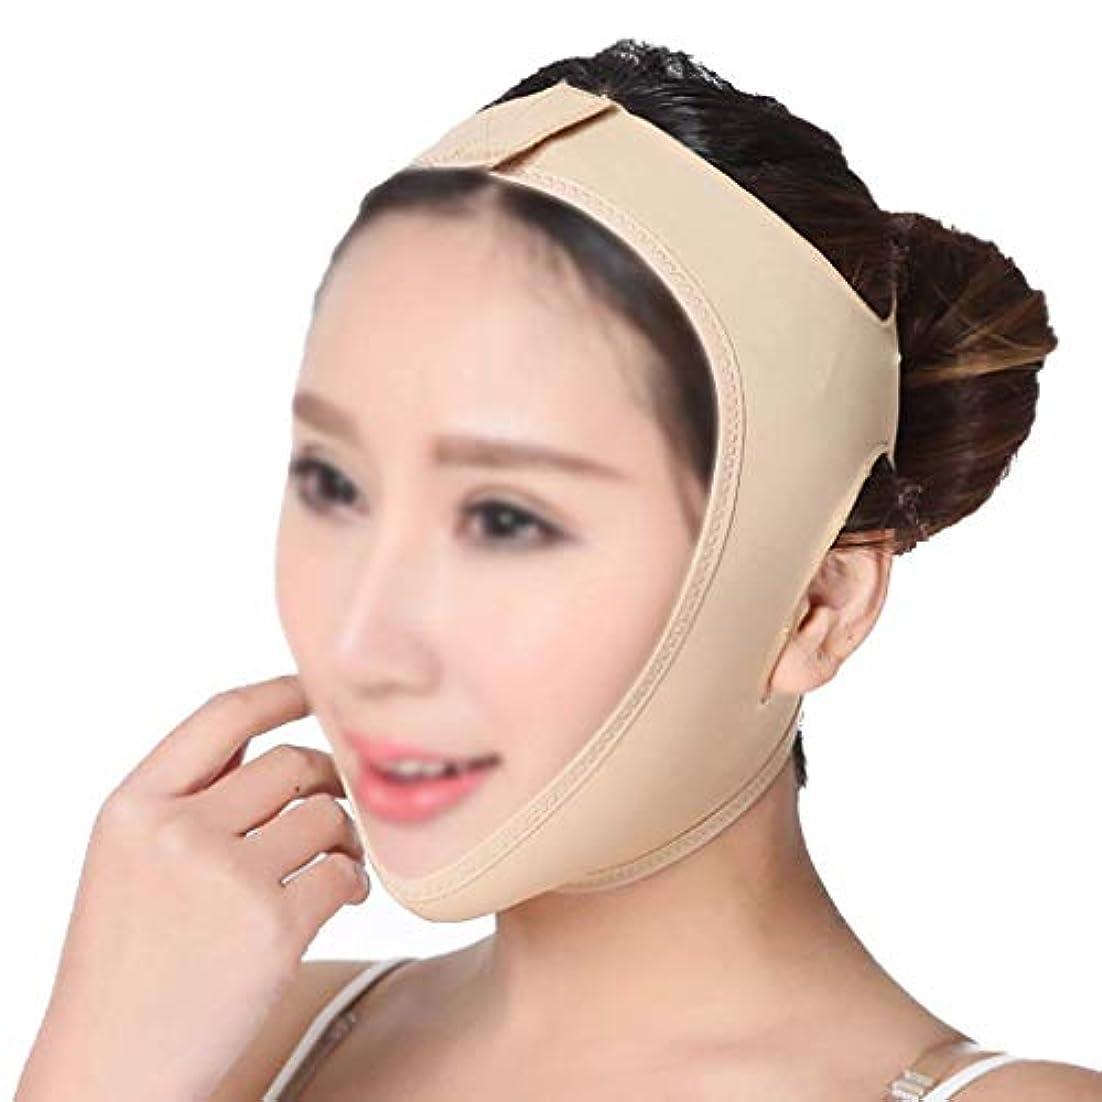 書誌ビバ白内障フェイスリフティングマスク、リフティングチン、フェイシャルスキン、頬垂れ防止、快適で 生地、詰まることを拒否、着用が簡単(サイズ:M),S